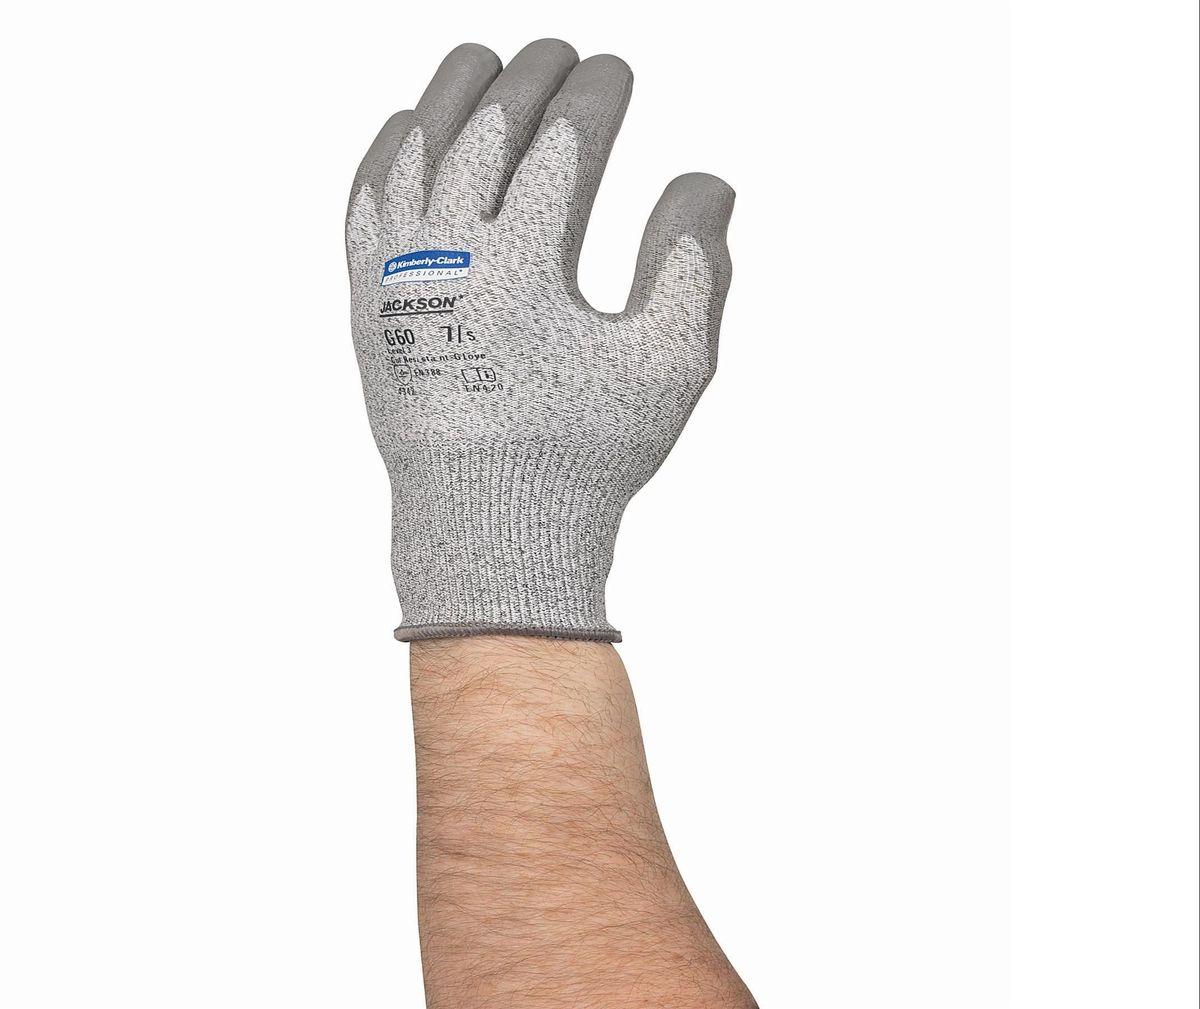 Перчатки хозяйственные Jackson Safety G60, цвет: серый. Размер 11. 1382713827Ассортимент экономичных и долговечных защитных перчаток и нарукавников для условий работы, при которых существует риск порезов или защемления рук и предплечий работника. Идеальное решение для работ с острыми краями, участков металлообработки, работ со стеклом или картоном, а также сборочных операций в автомобилестроении; СИЗ категории II (CE Intermediate), 3-й уровень защиты от порезов и высокий уровень стойкости к истиранию (4 - EN 388); превосходная защита от порезов и защемлений благодаря использованию патентованного материала Dyneema® со стальной нитью; соответствуют нормам EN420 по минимальной длине манжеты для защиты запястья; отличная воздухопроницаемость и отвод тепла. Формат поставки: пара не содержащих латекс перчаток; индивидуальный дизайн для левой и правой руки; возможность стирки, пять размеров с цветовой кодировкой манжет. Размер: 13823 - S (7) 13824 - M (8) 13825 - L (9) 13826 - XL (10) 13827 - XXL (11)